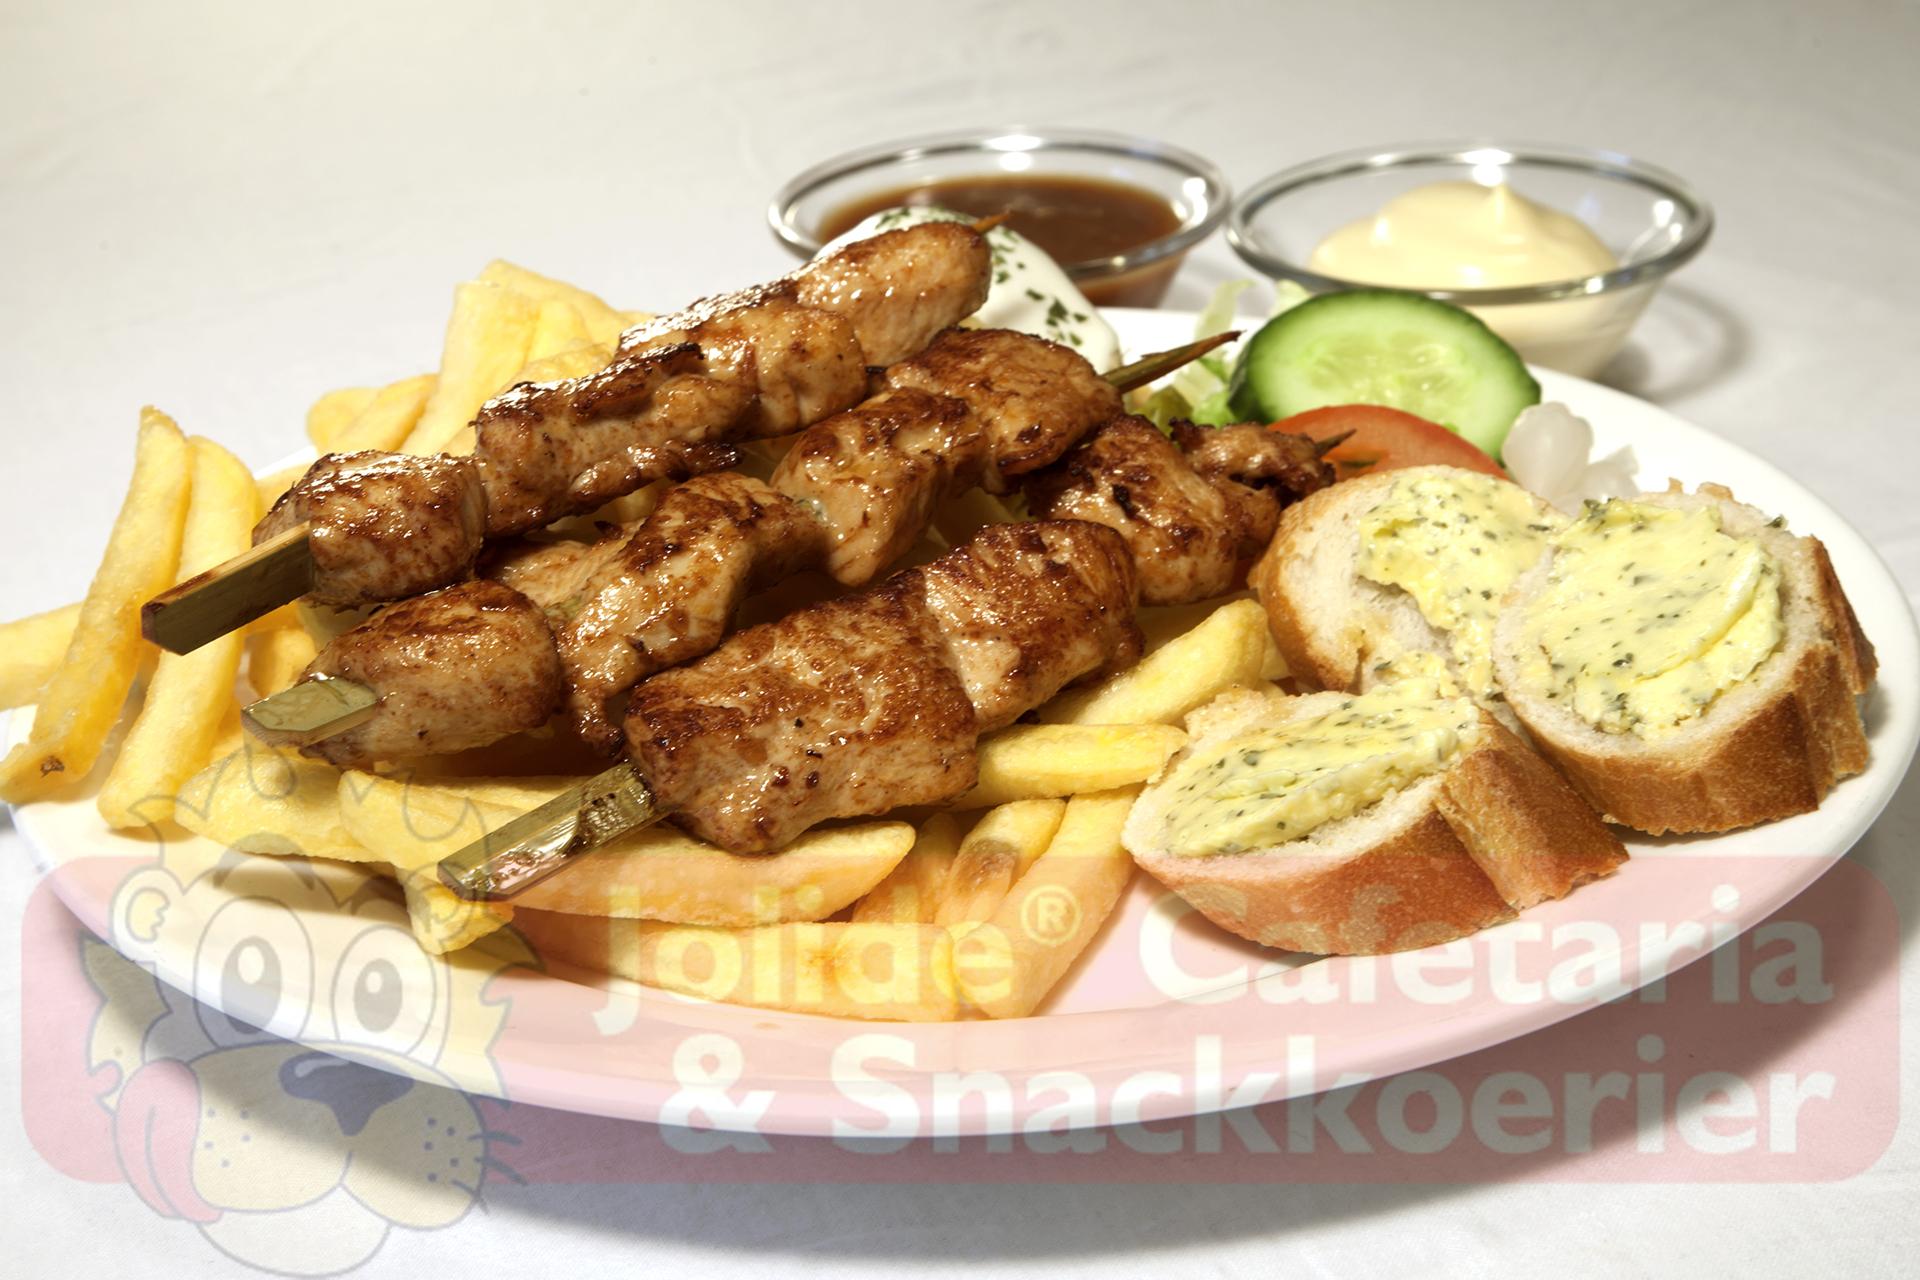 3 Stokjes kipsate. Menu bestaat uit patat, rundvleesslaatje, mayonaise, pindasaus en stukjes stokbrood met kruidenboter.